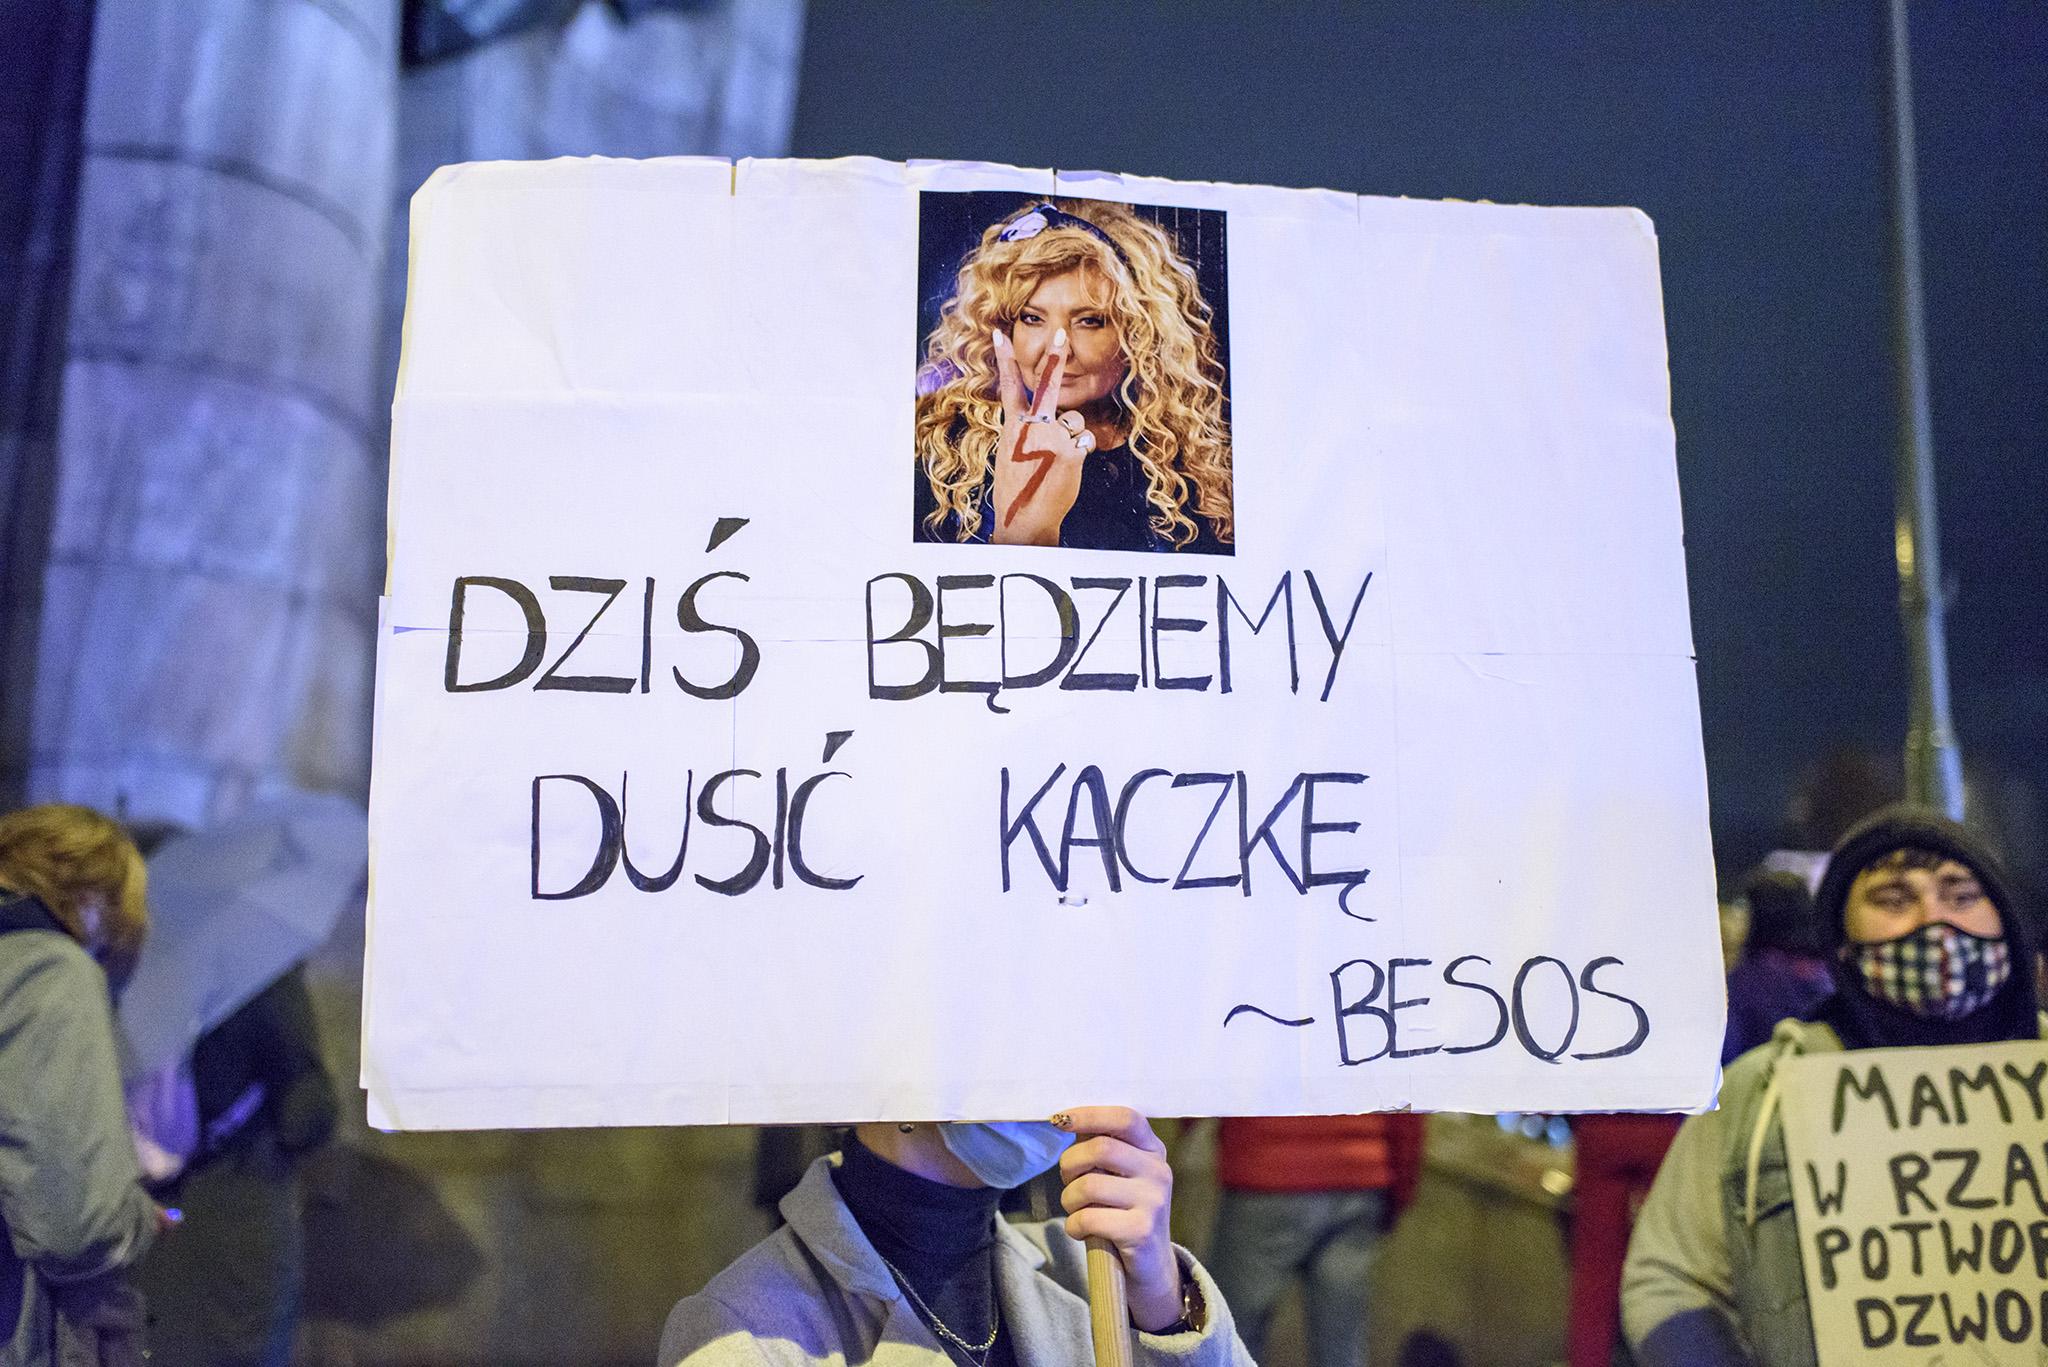 DSC_6681_RZESZOW_NEWS_SEBASTIAN_STANKIEWICZ